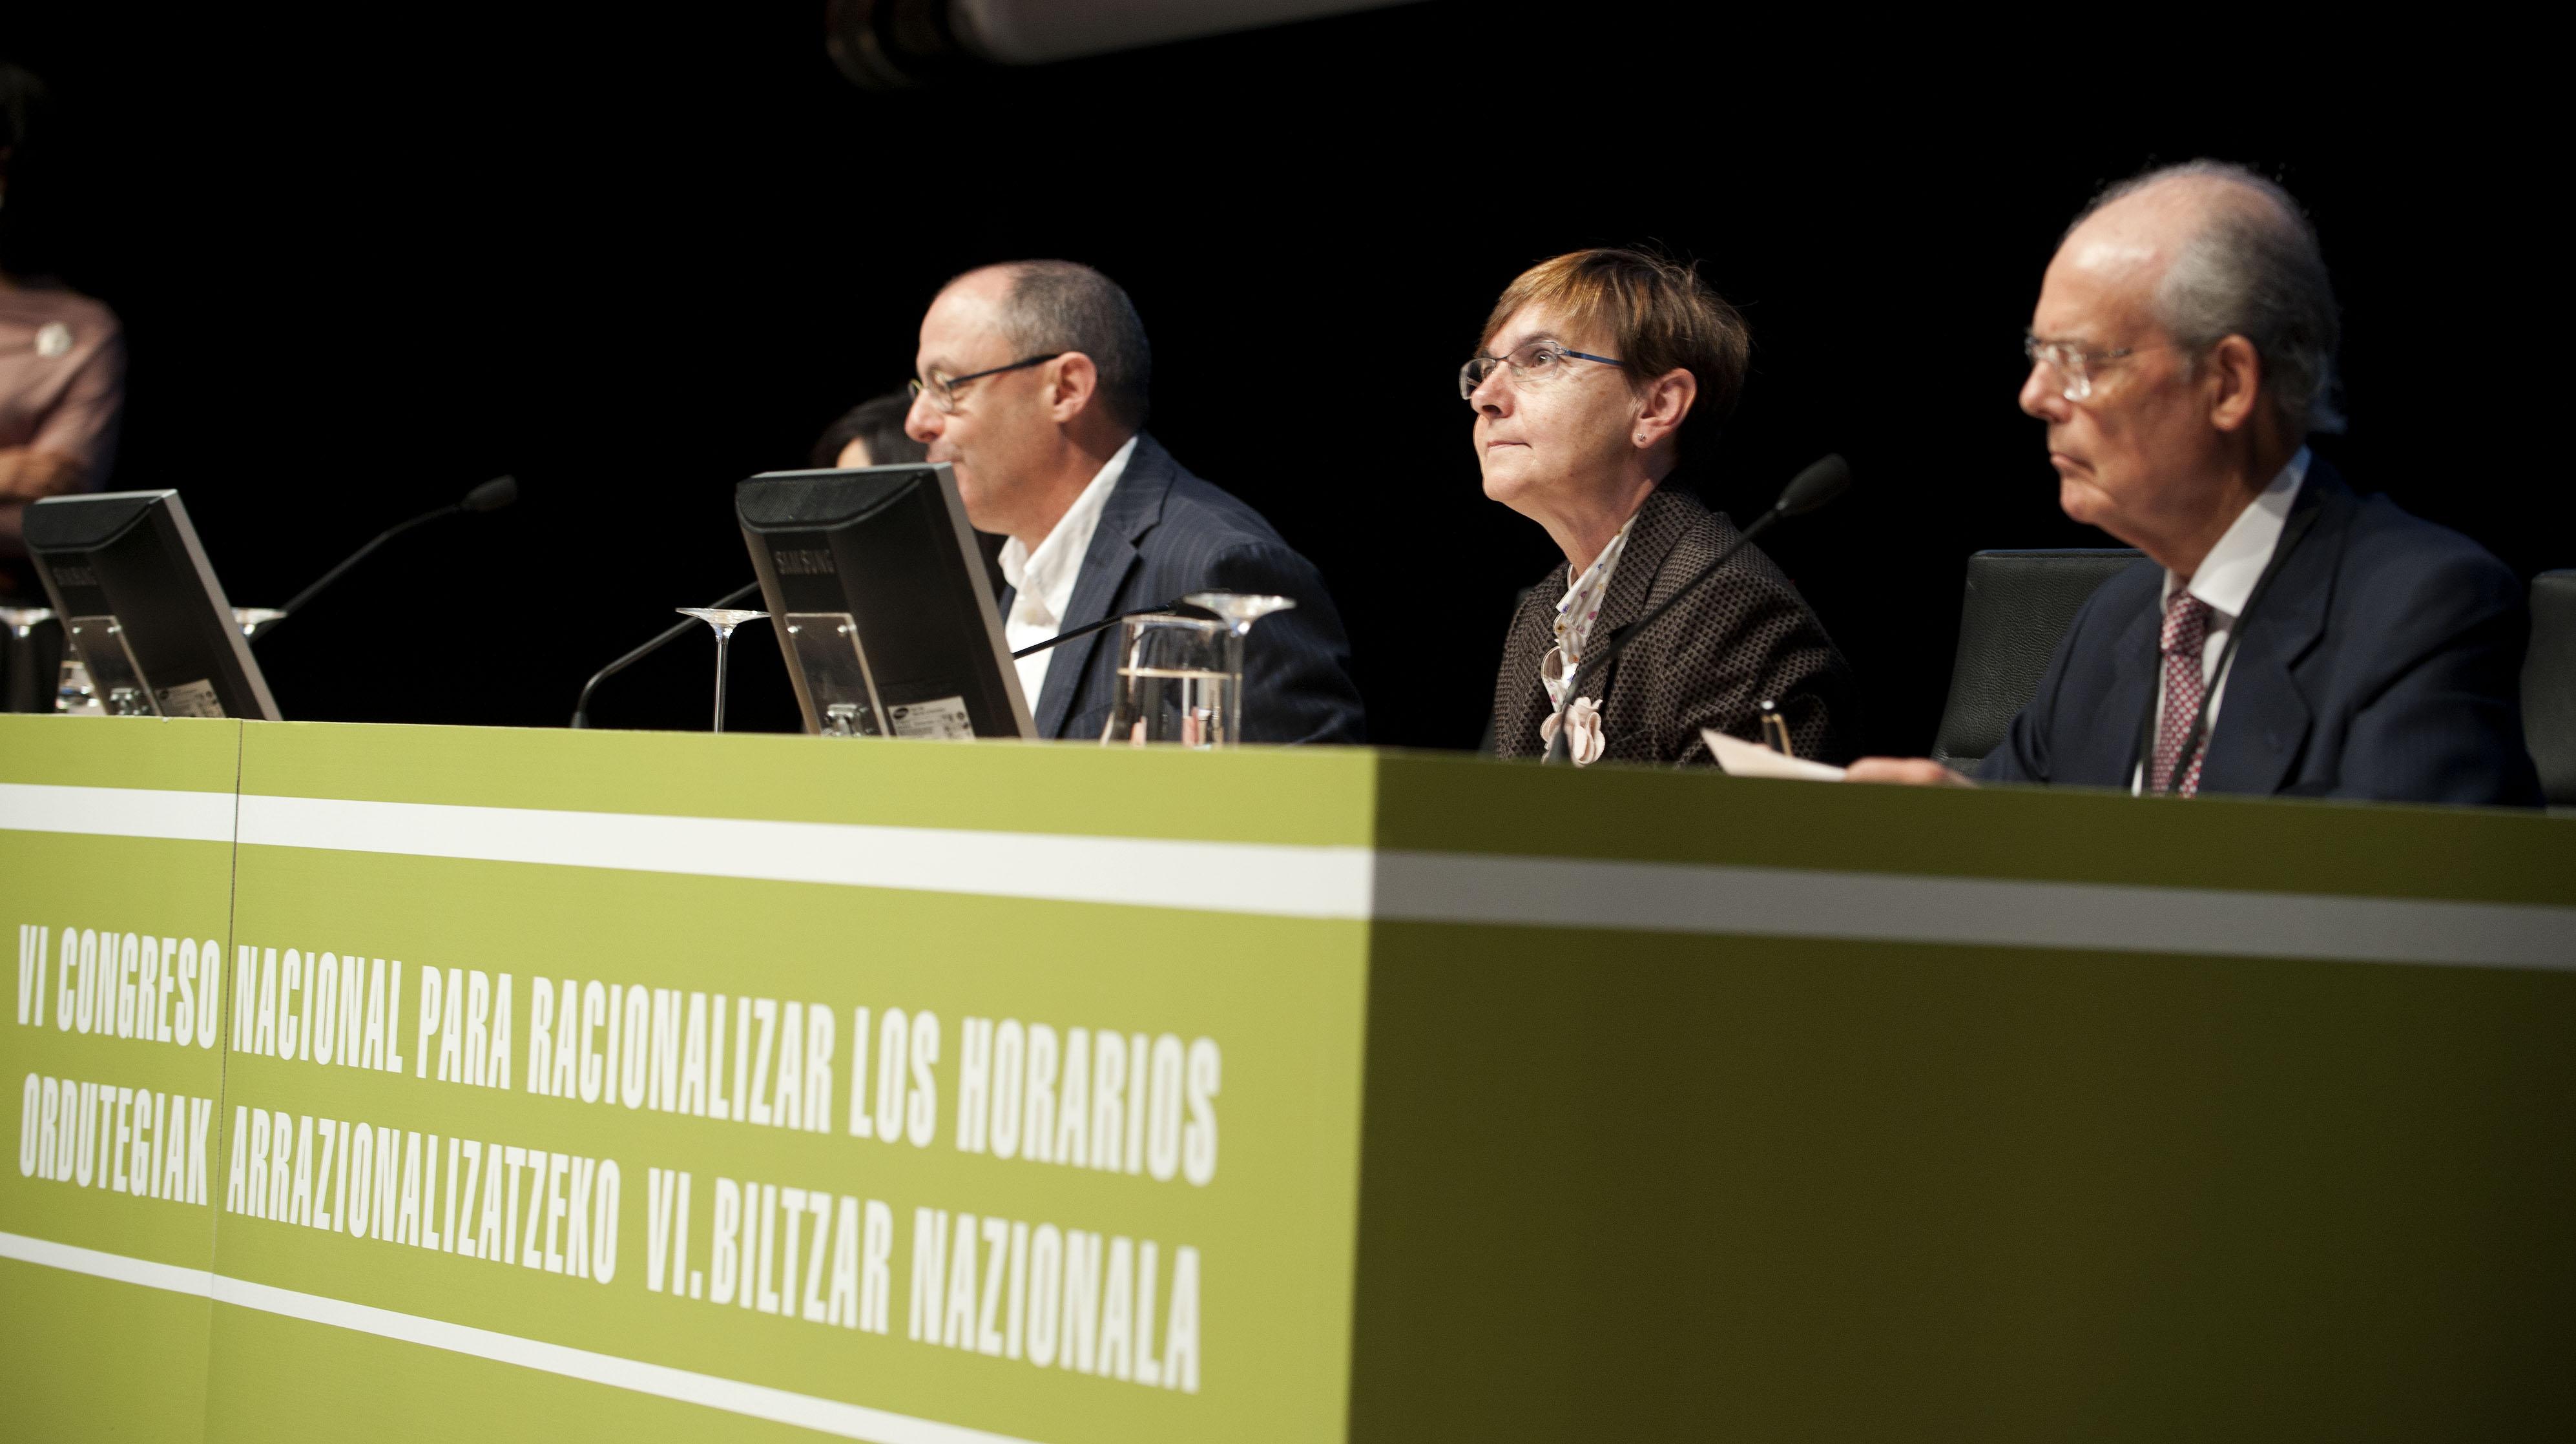 2011_11_15_zabaleta_congreso_racionalizar_horarios10.jpg